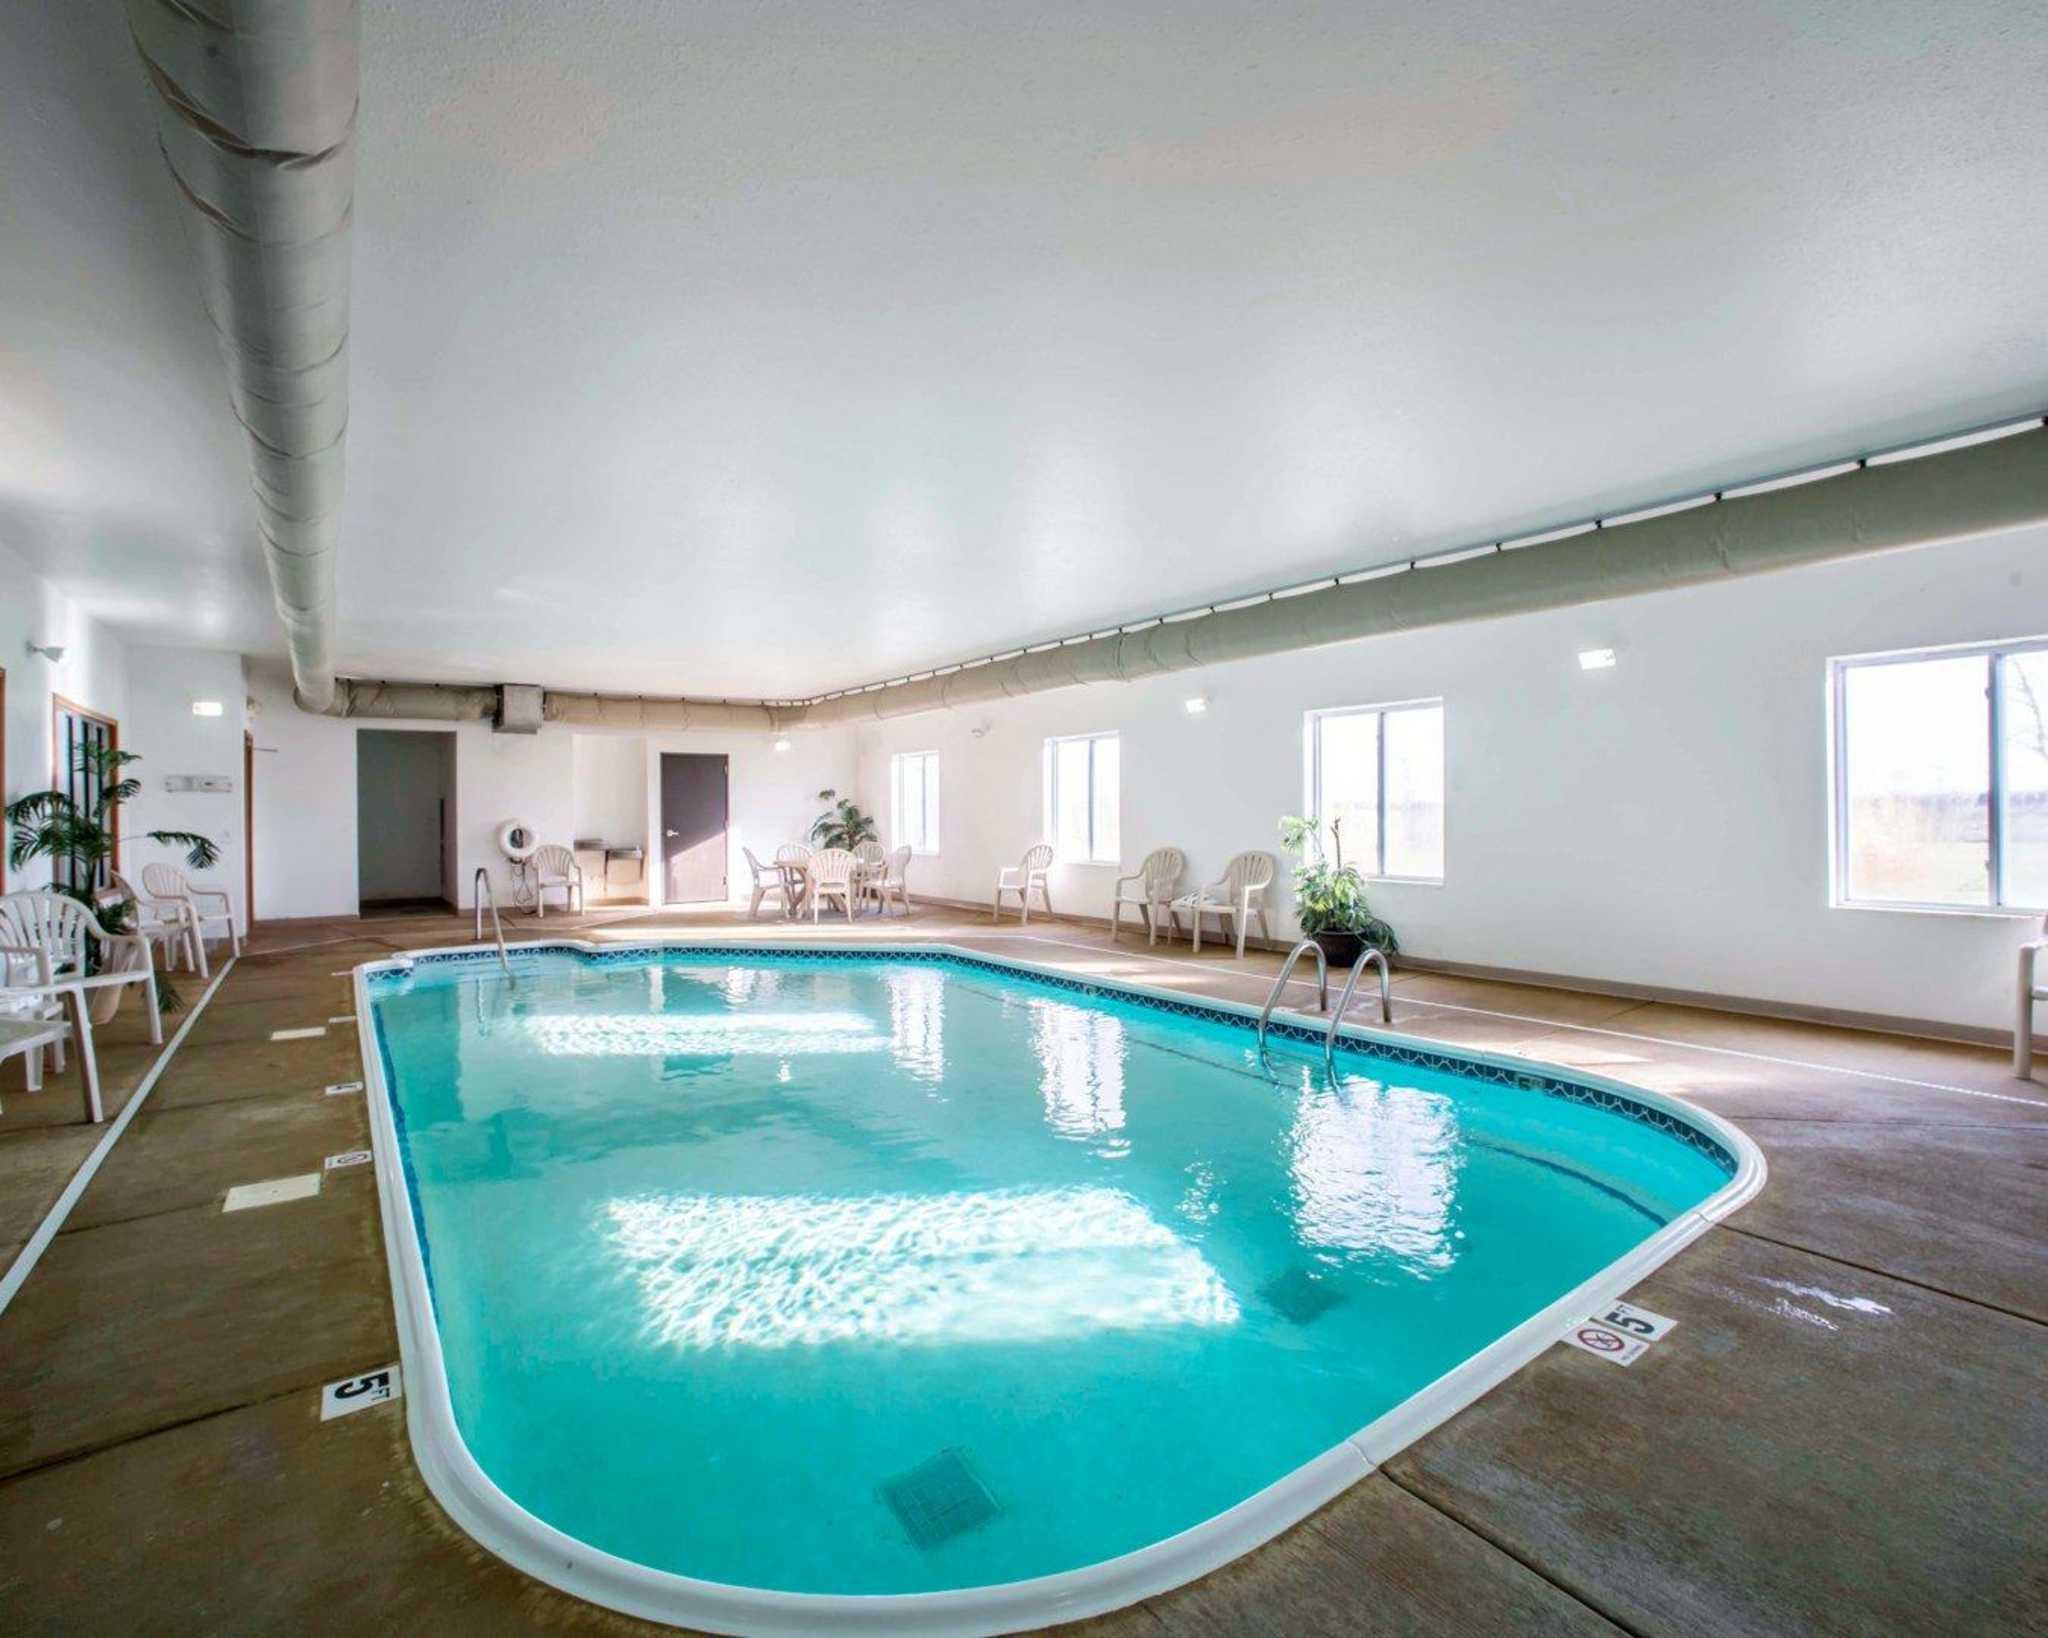 Comfort Inn & Suites Greenville I-70 image 24